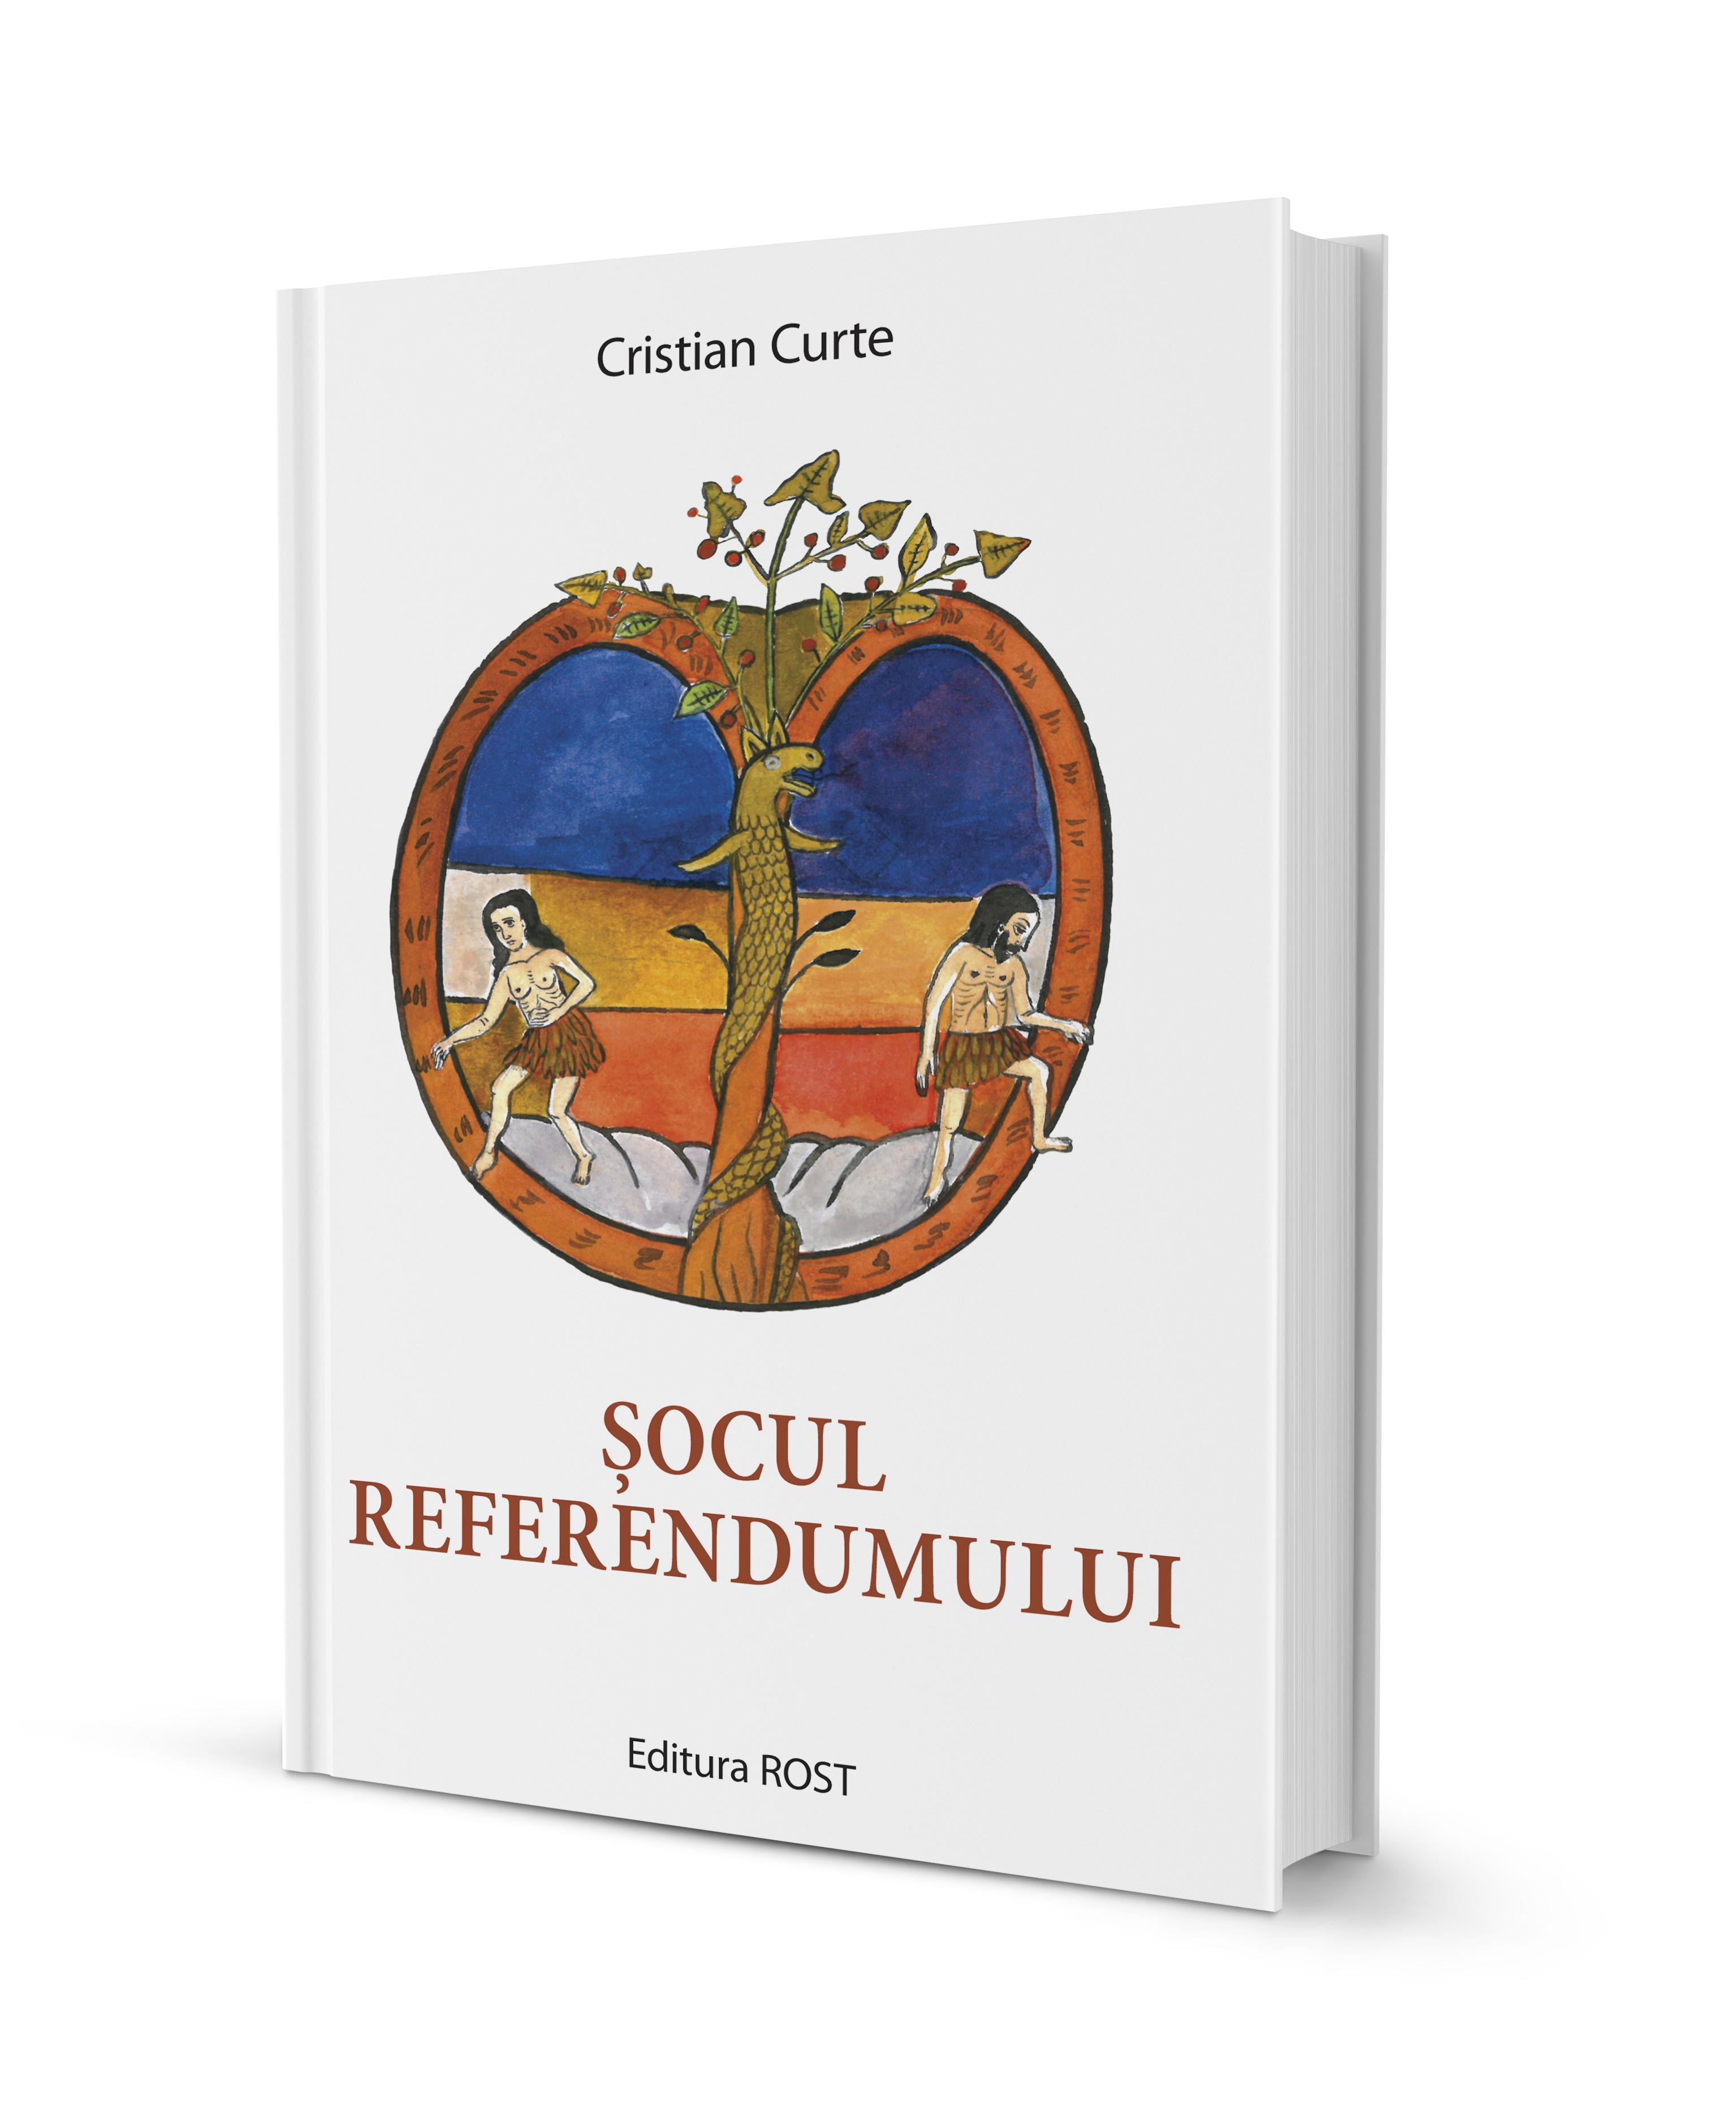 socul referendumului. coperta 1-DONE